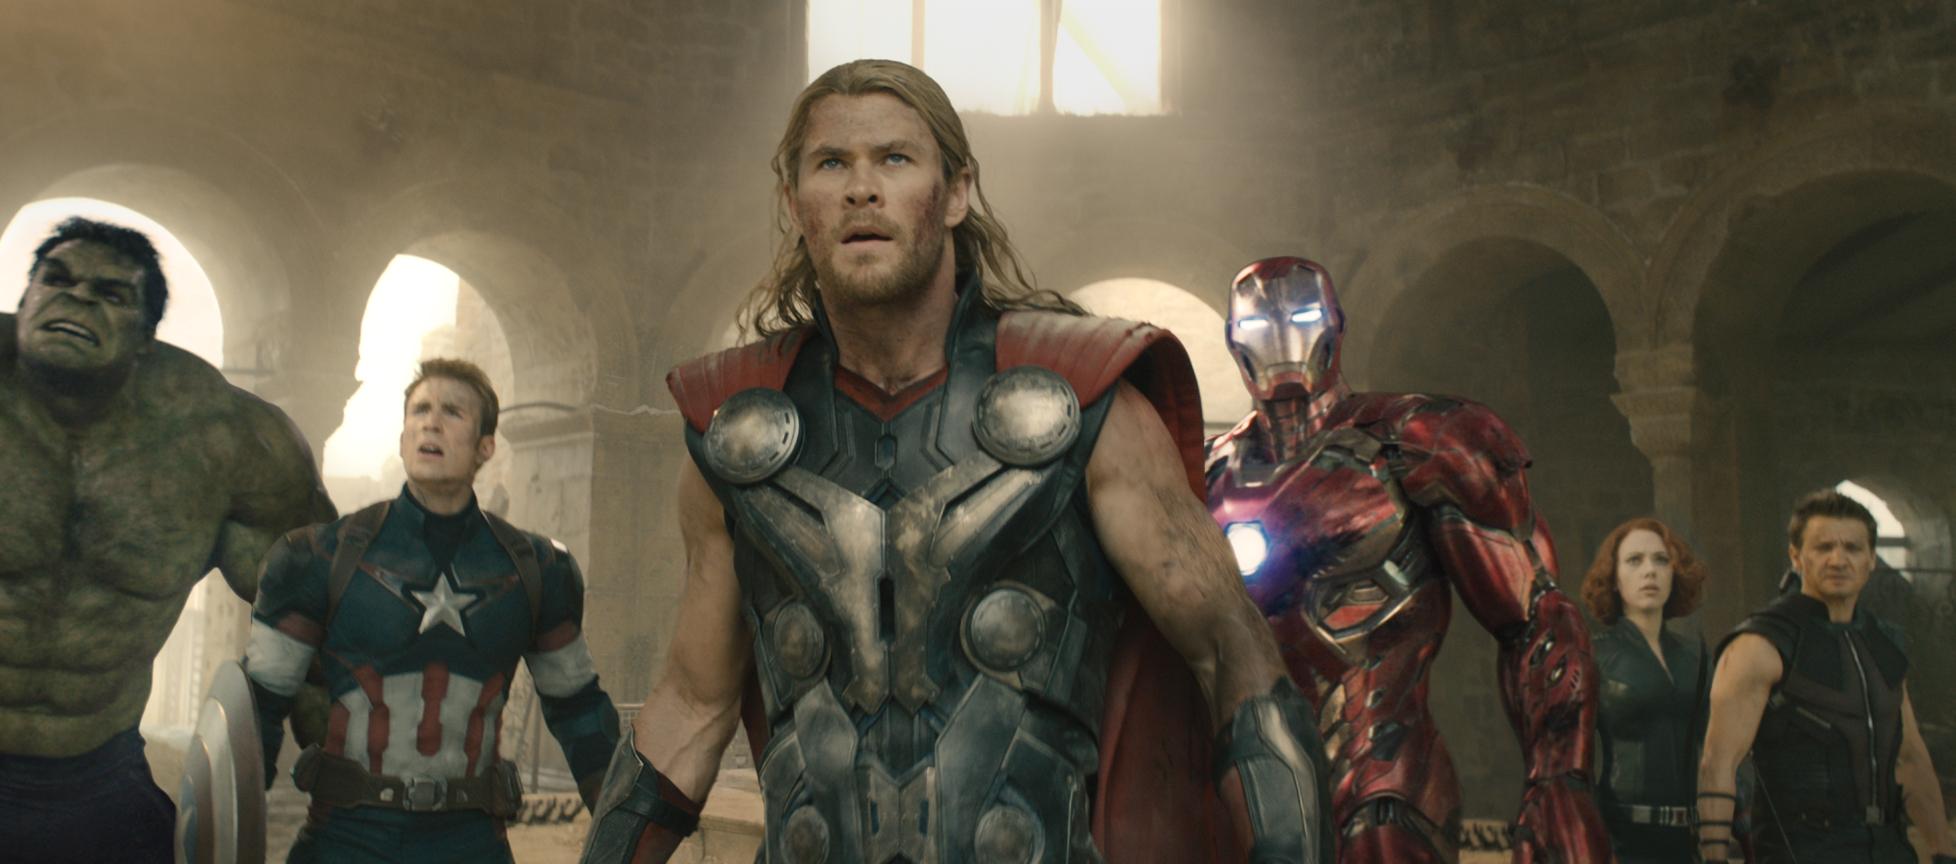 """(L-r) Mark Ruffalo, Chris Evans, Chris Hemsworth, Robert Downey Jr., Scarlett Johansson and Jeremy Renner star in """"Avengers: Age of Ultron"""""""